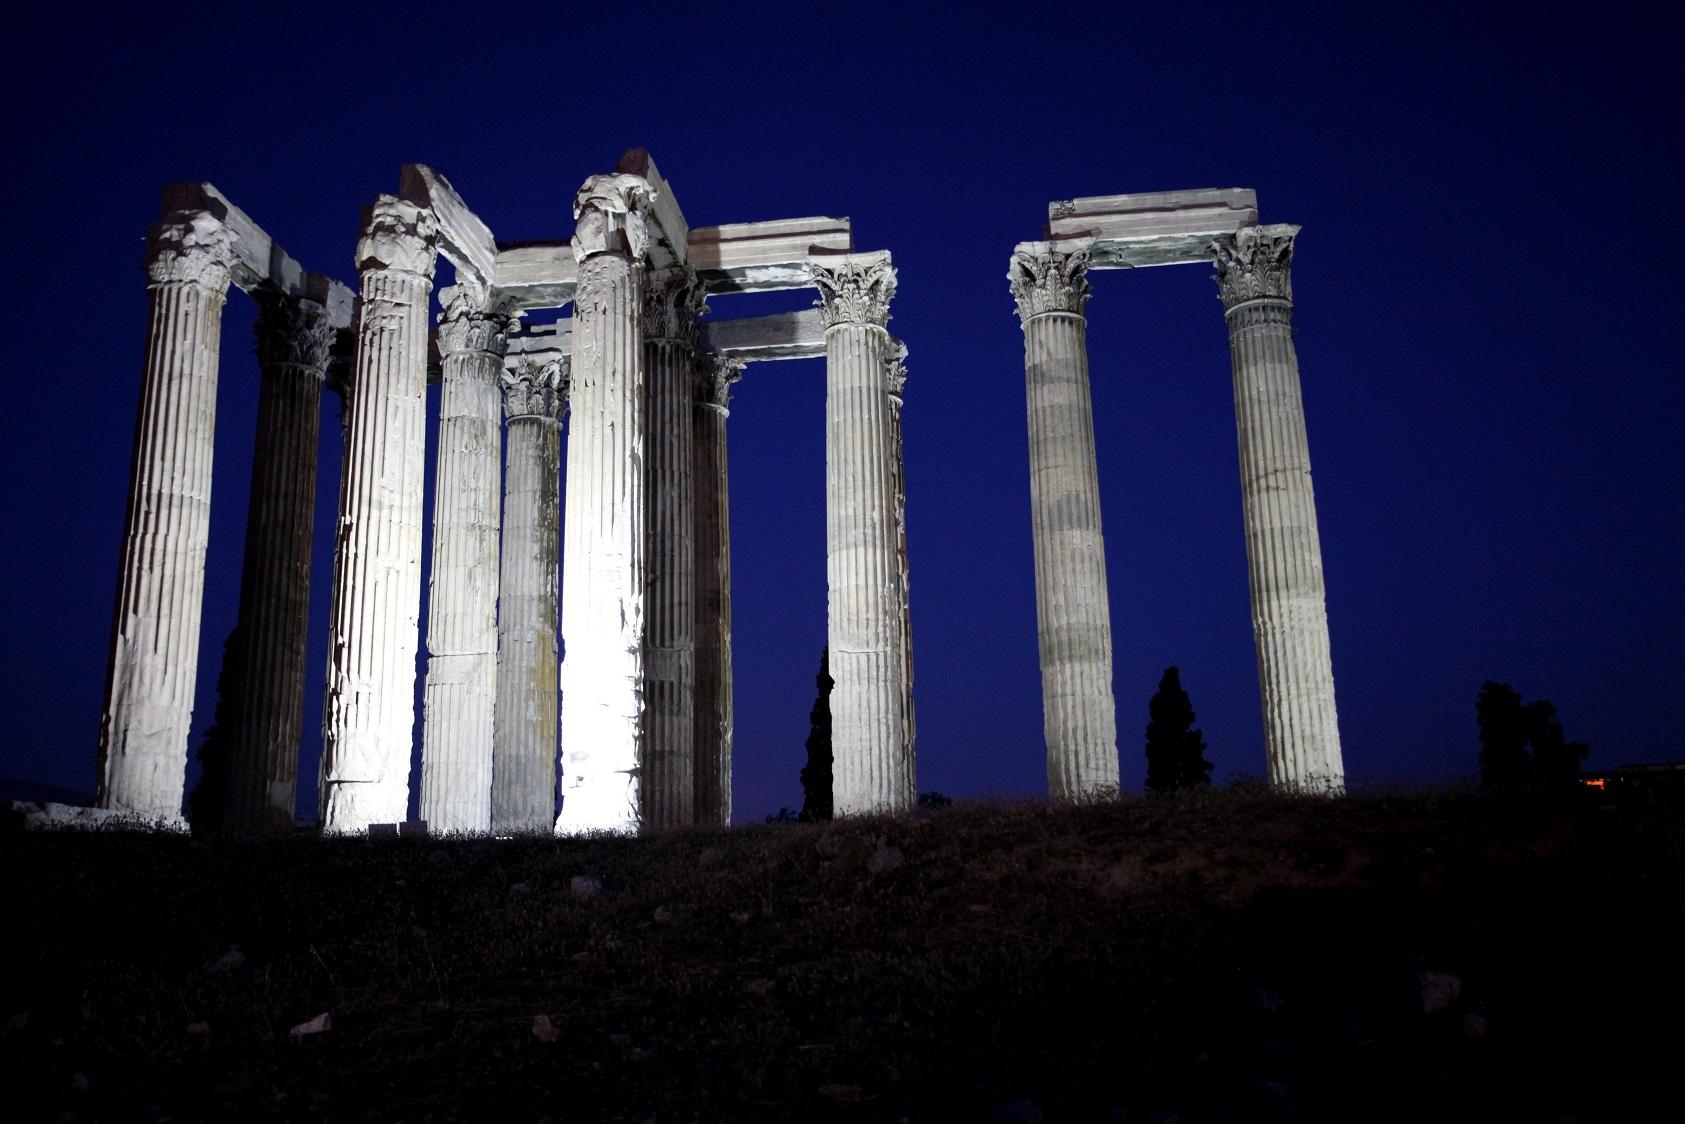 O templo de Zeus, em Atenas. Foto Giorgos Georgiou/NurPhoto